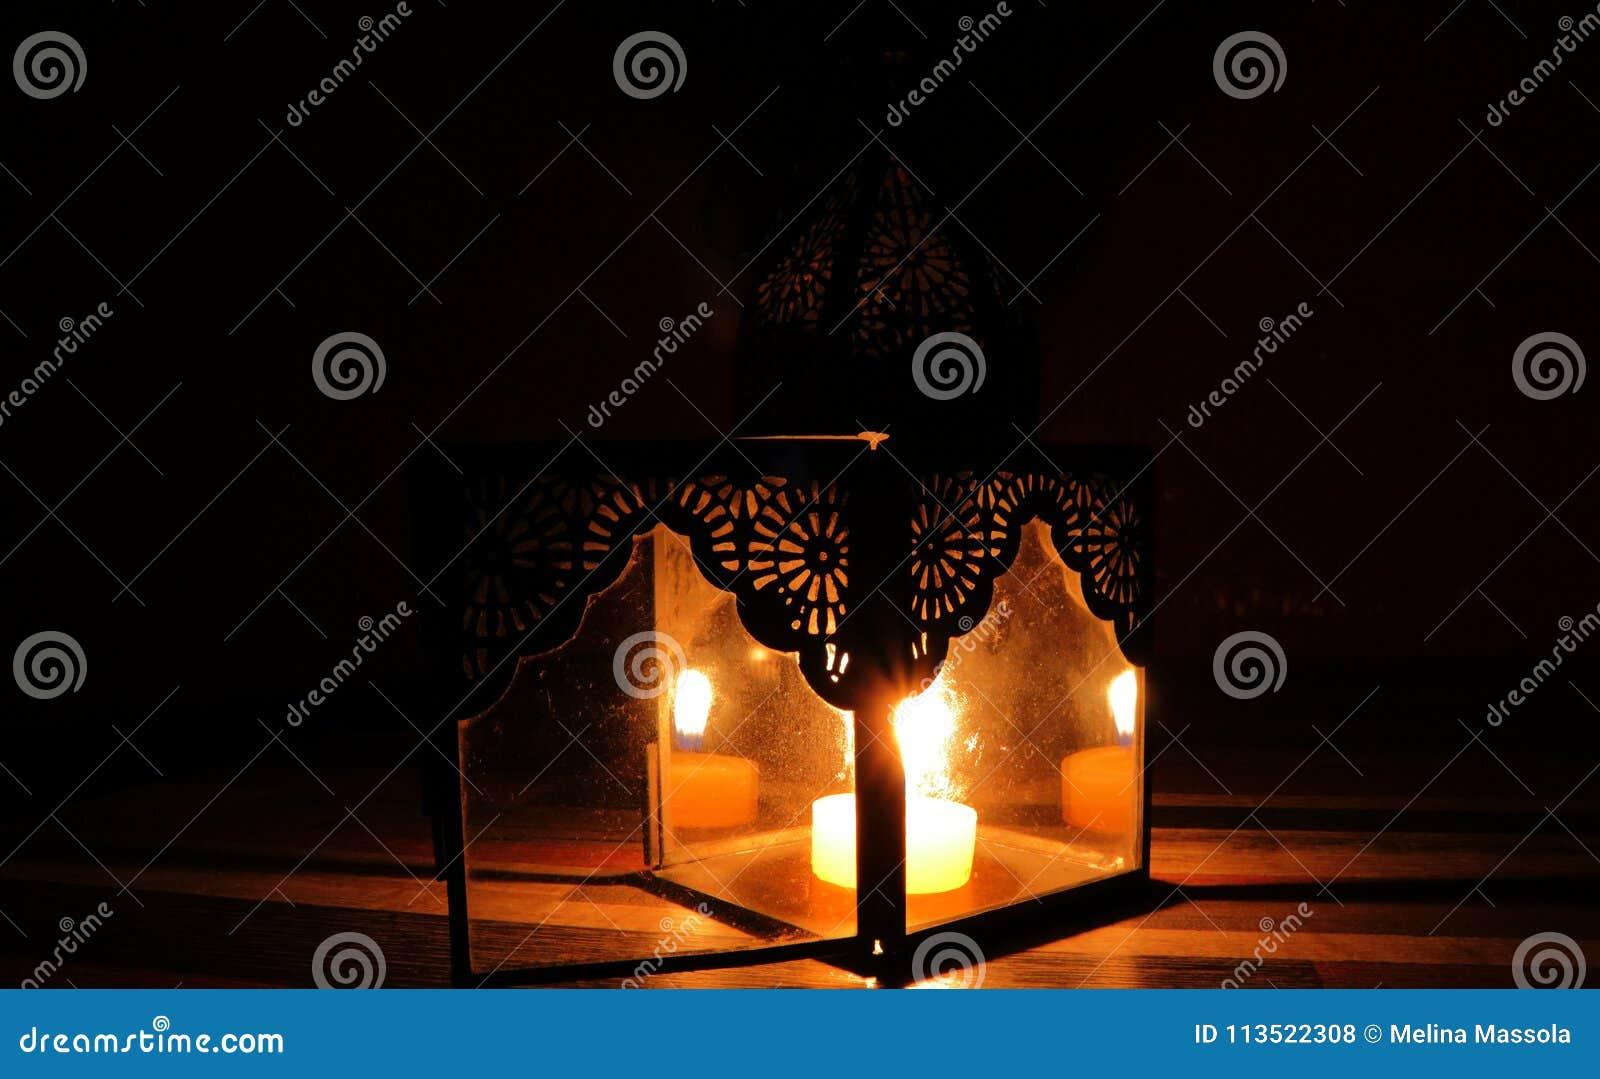 Kaarslicht in de duisternis en kaarshouder